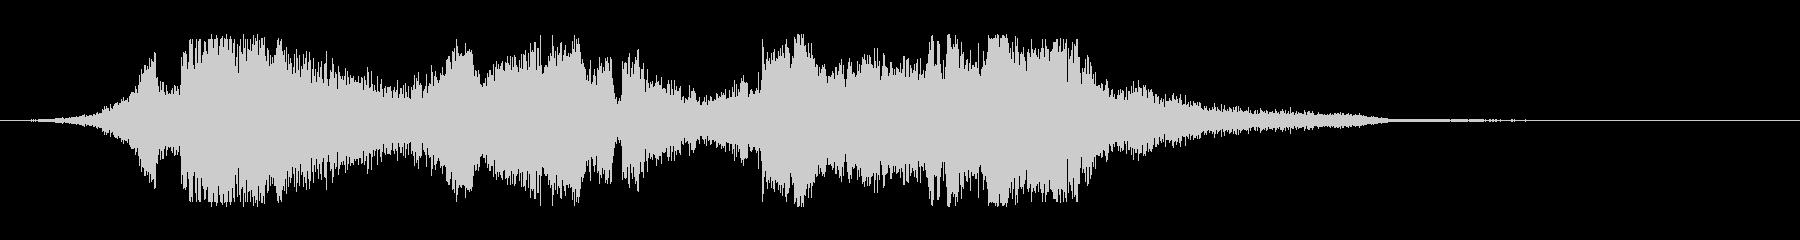 SC。レーシング;ターン(7車)で...の未再生の波形